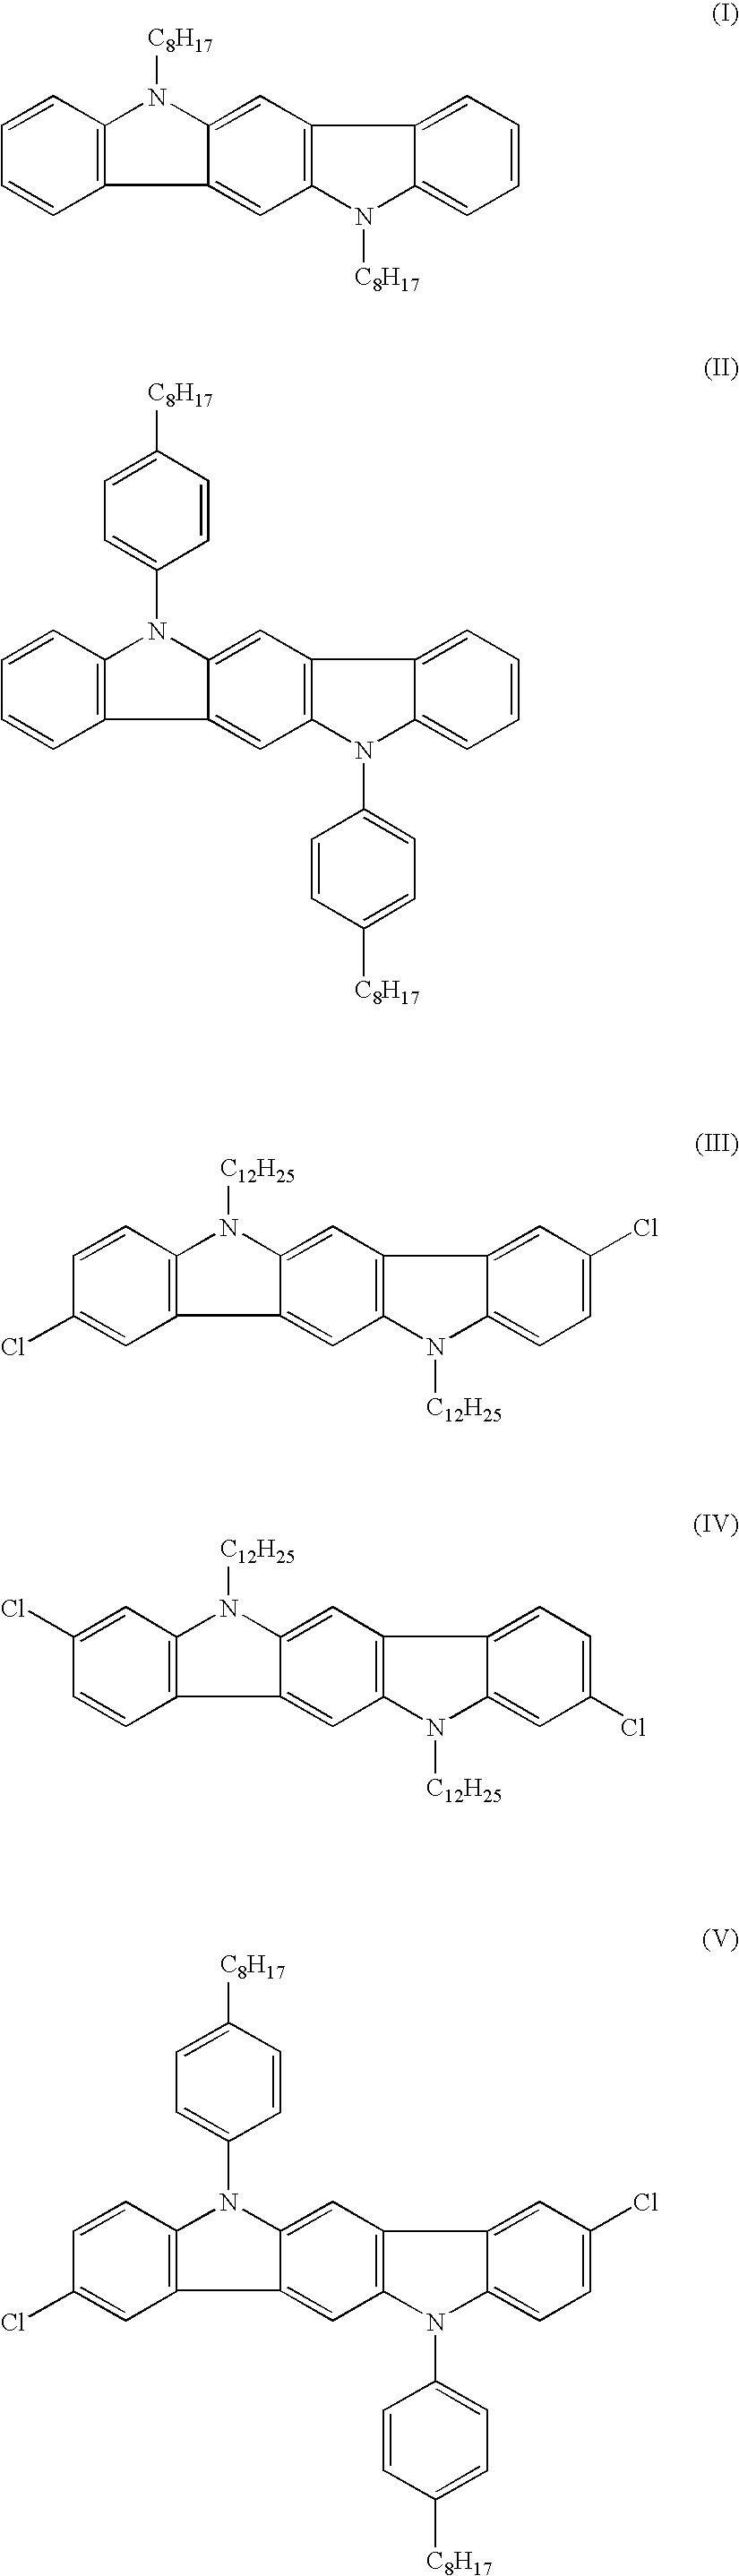 Figure US07173140-20070206-C00007